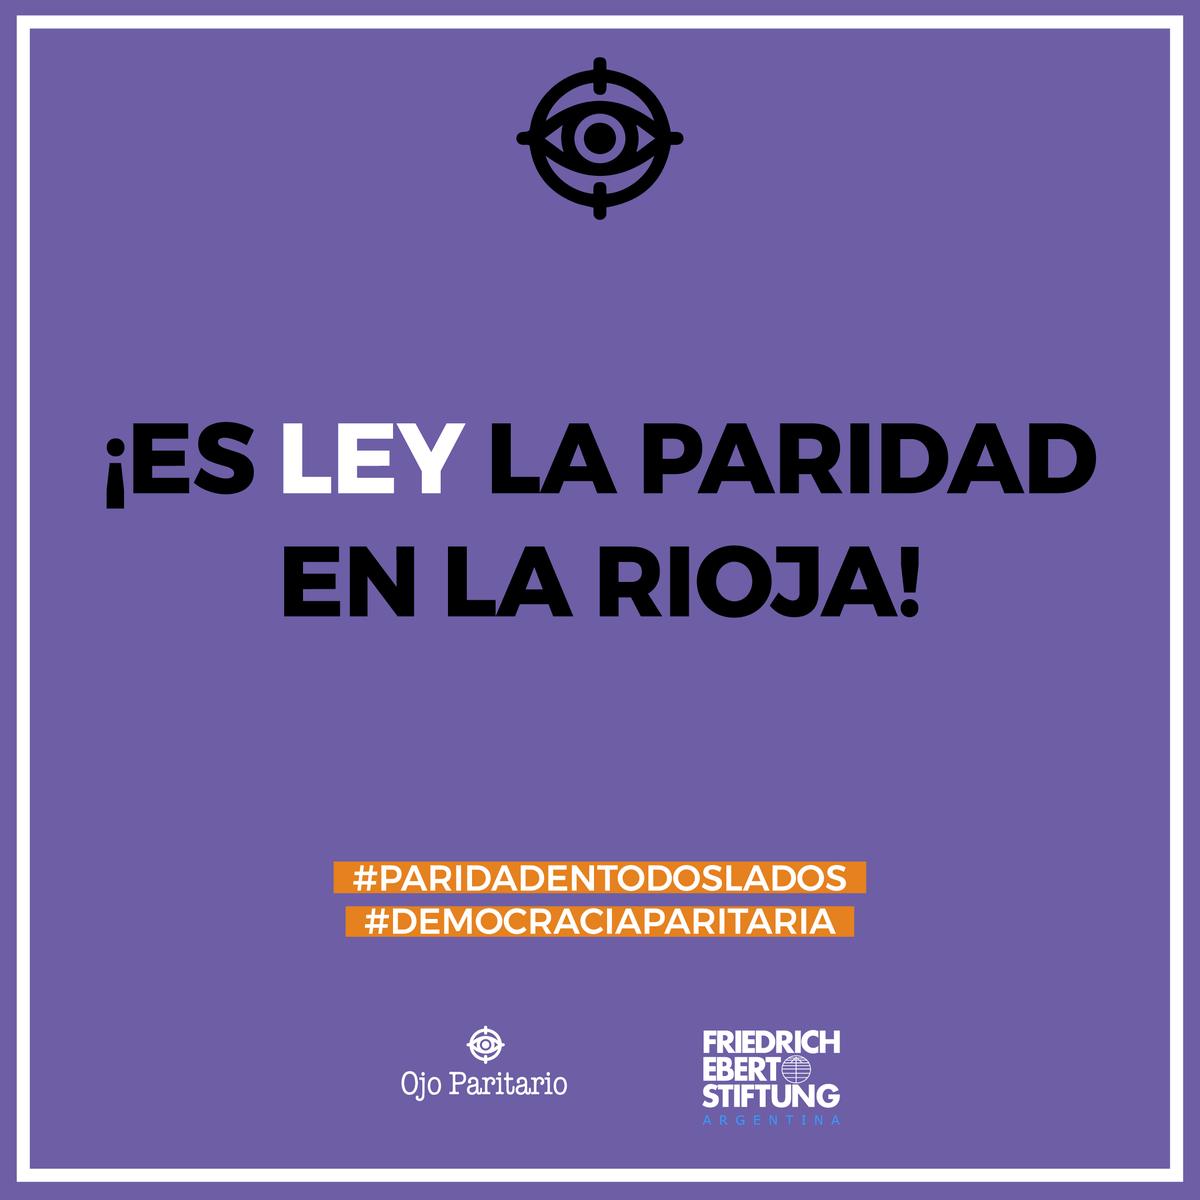 ¡Avanza la ola paritaria! 💜✊ La legislatura de #LaRioja aprobó por unanimidad la #LeyDeParidad de género en la provincia para cargos electivos, legislativos, deliberativos y partidarios. https://t.co/KAEhF1y5xB